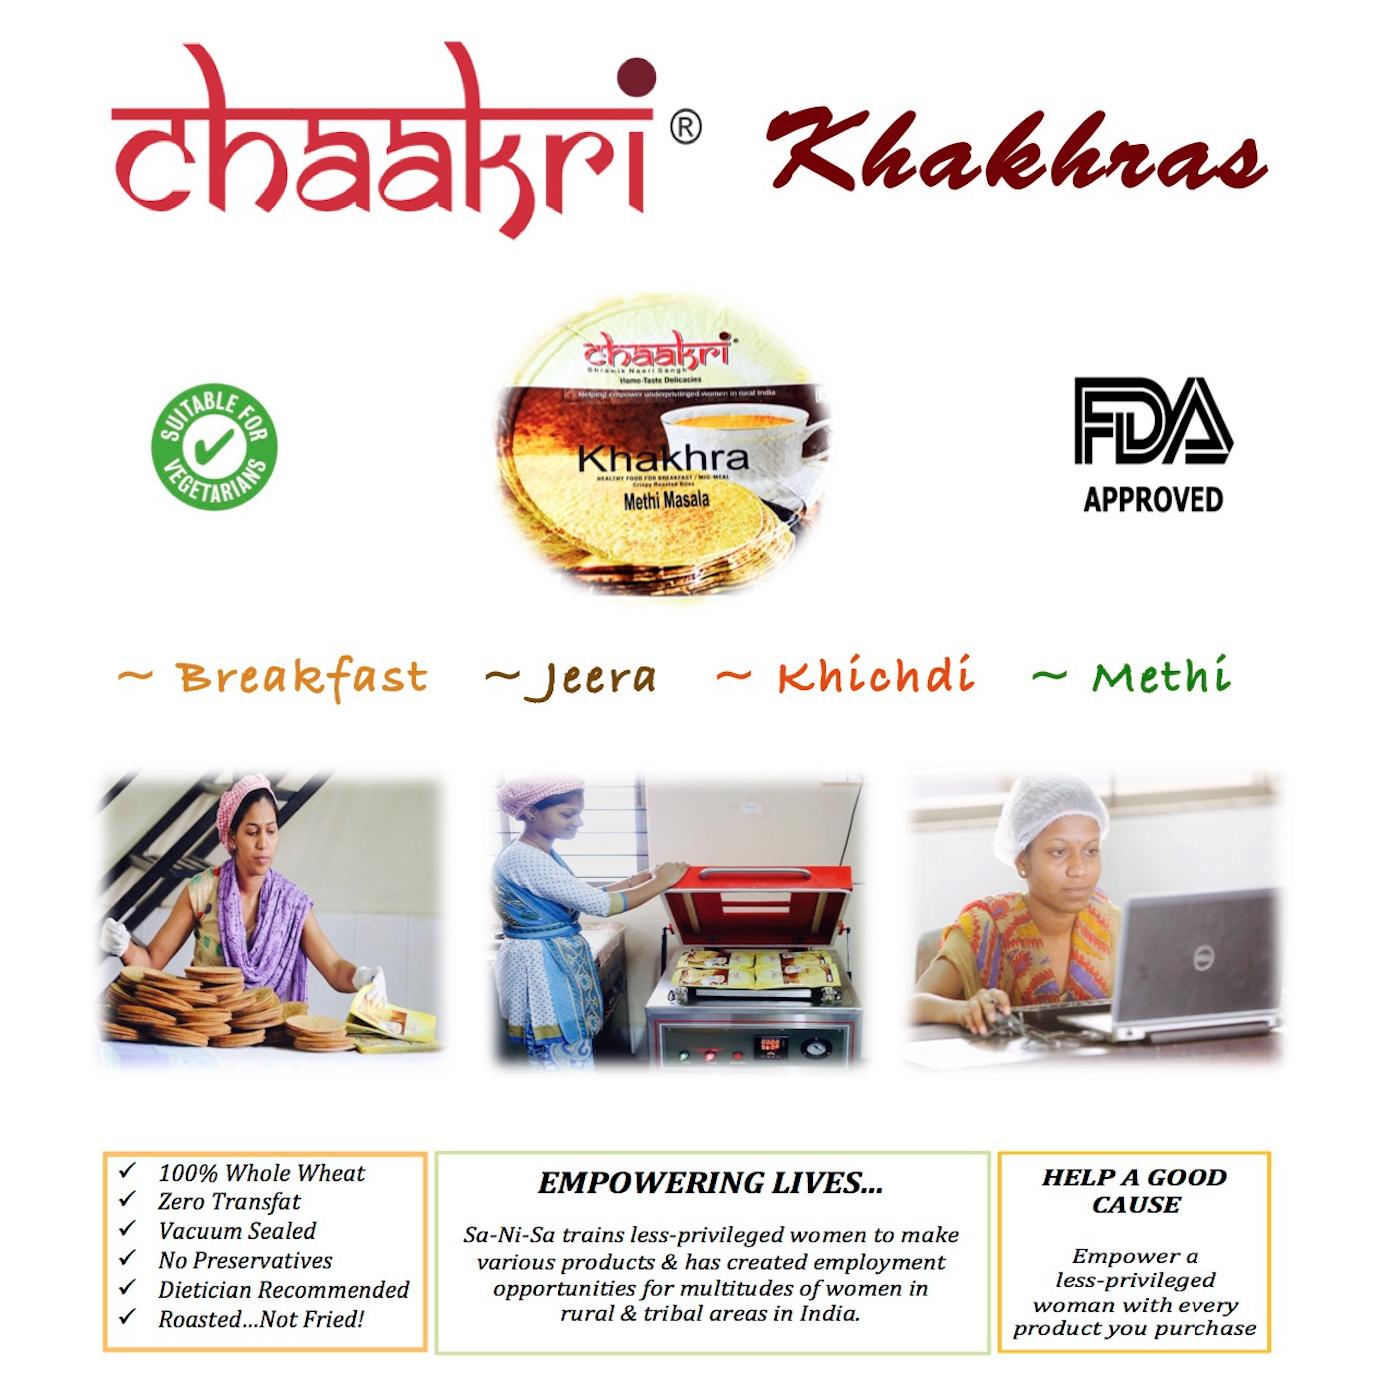 Chaakri Khakhras